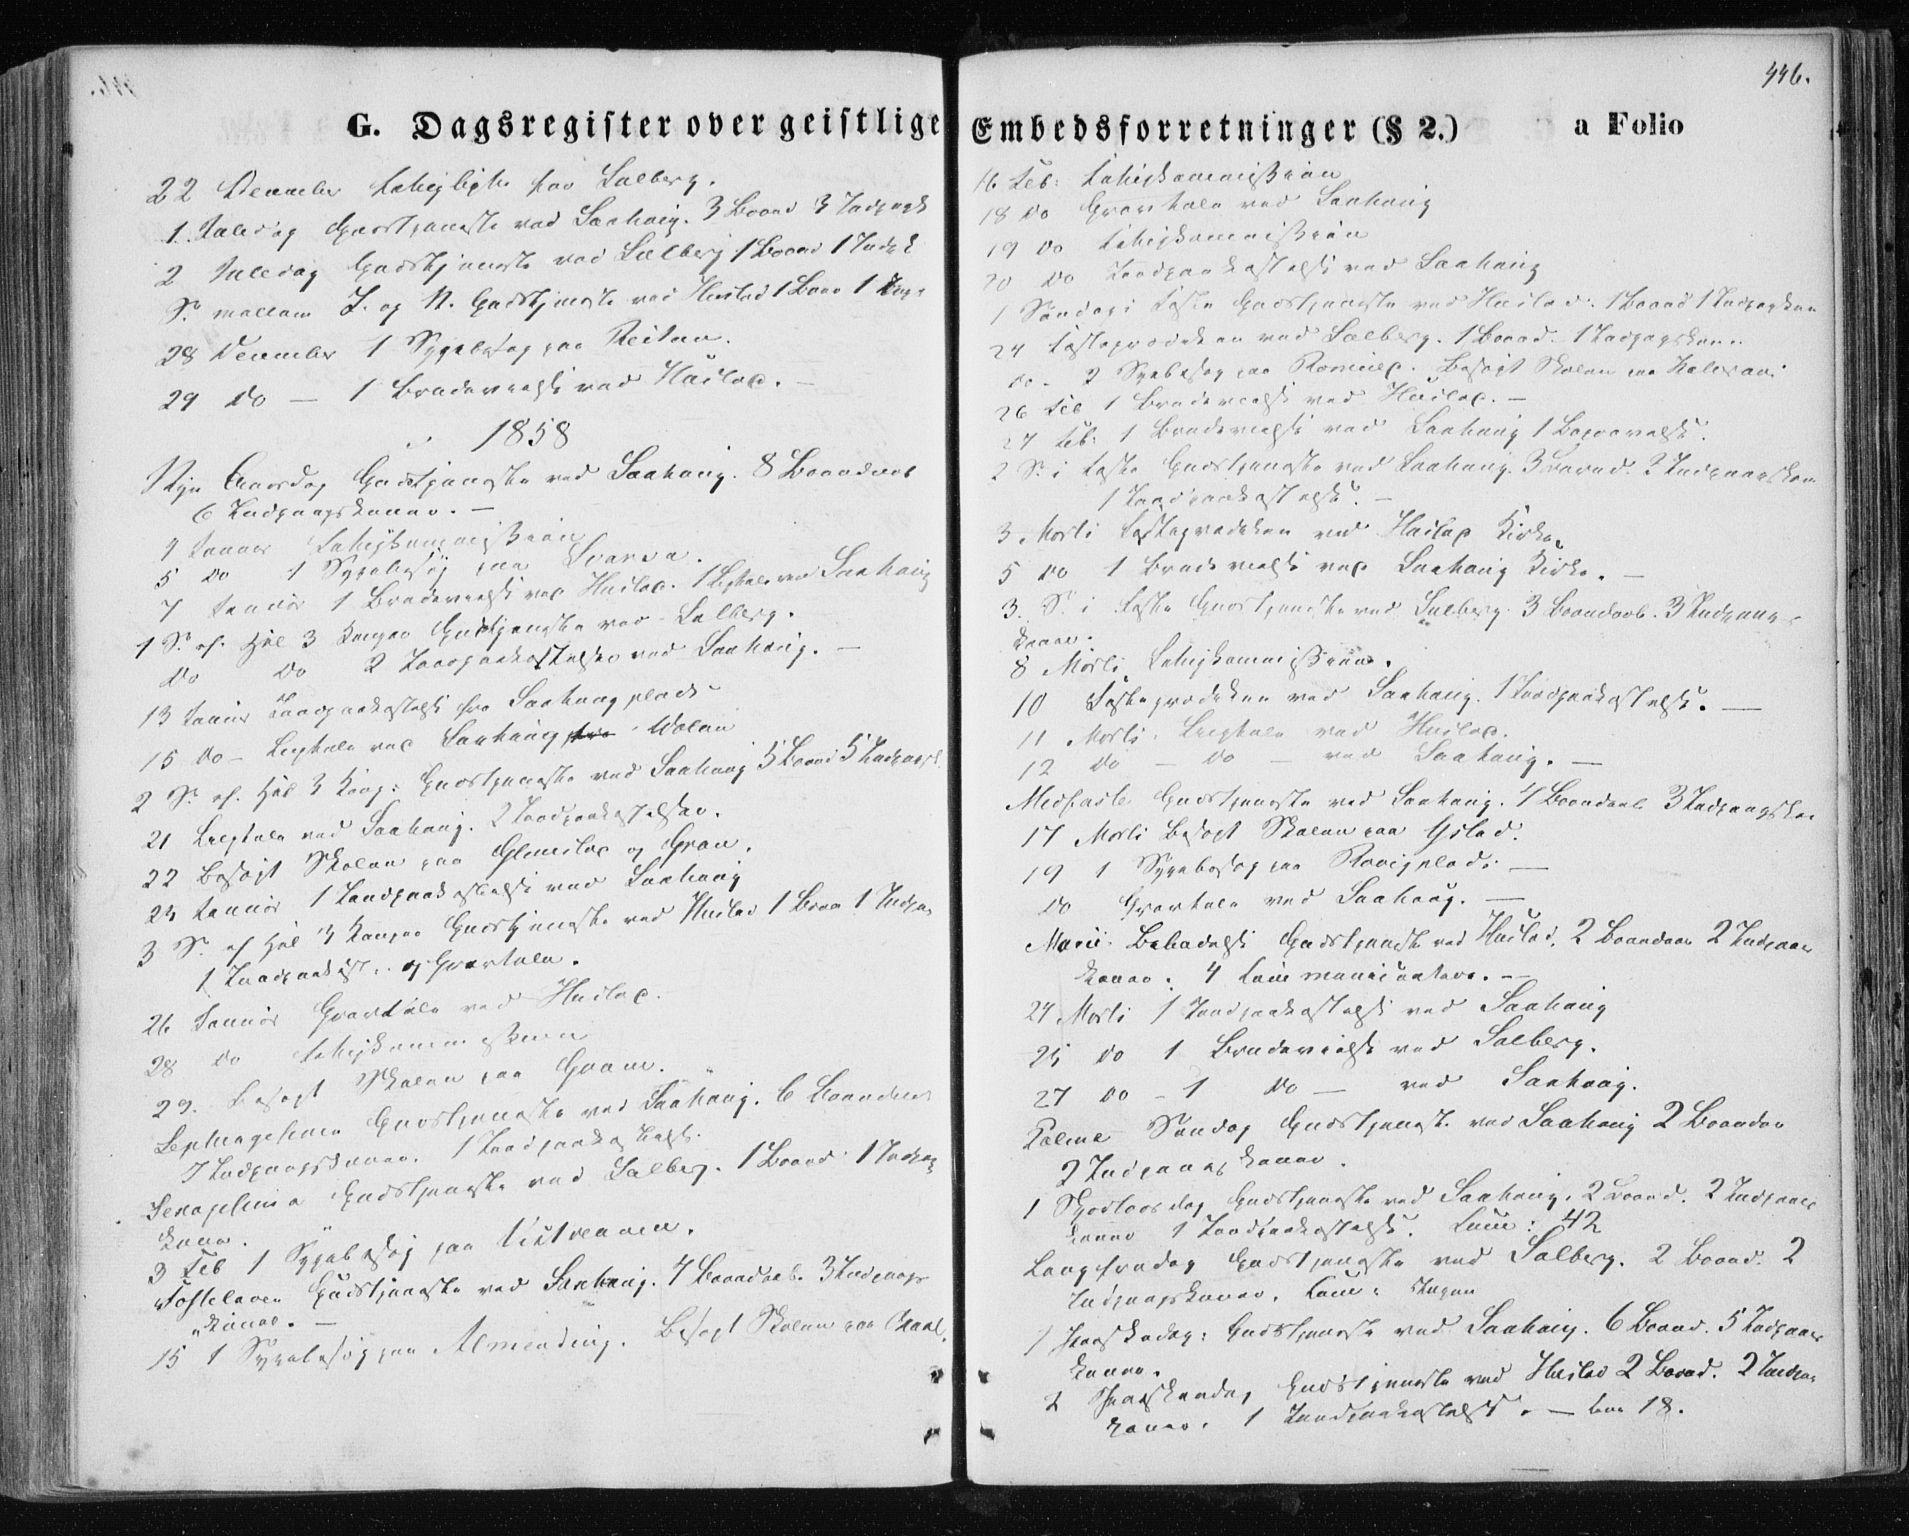 SAT, Ministerialprotokoller, klokkerbøker og fødselsregistre - Nord-Trøndelag, 730/L0283: Ministerialbok nr. 730A08, 1855-1865, s. 446